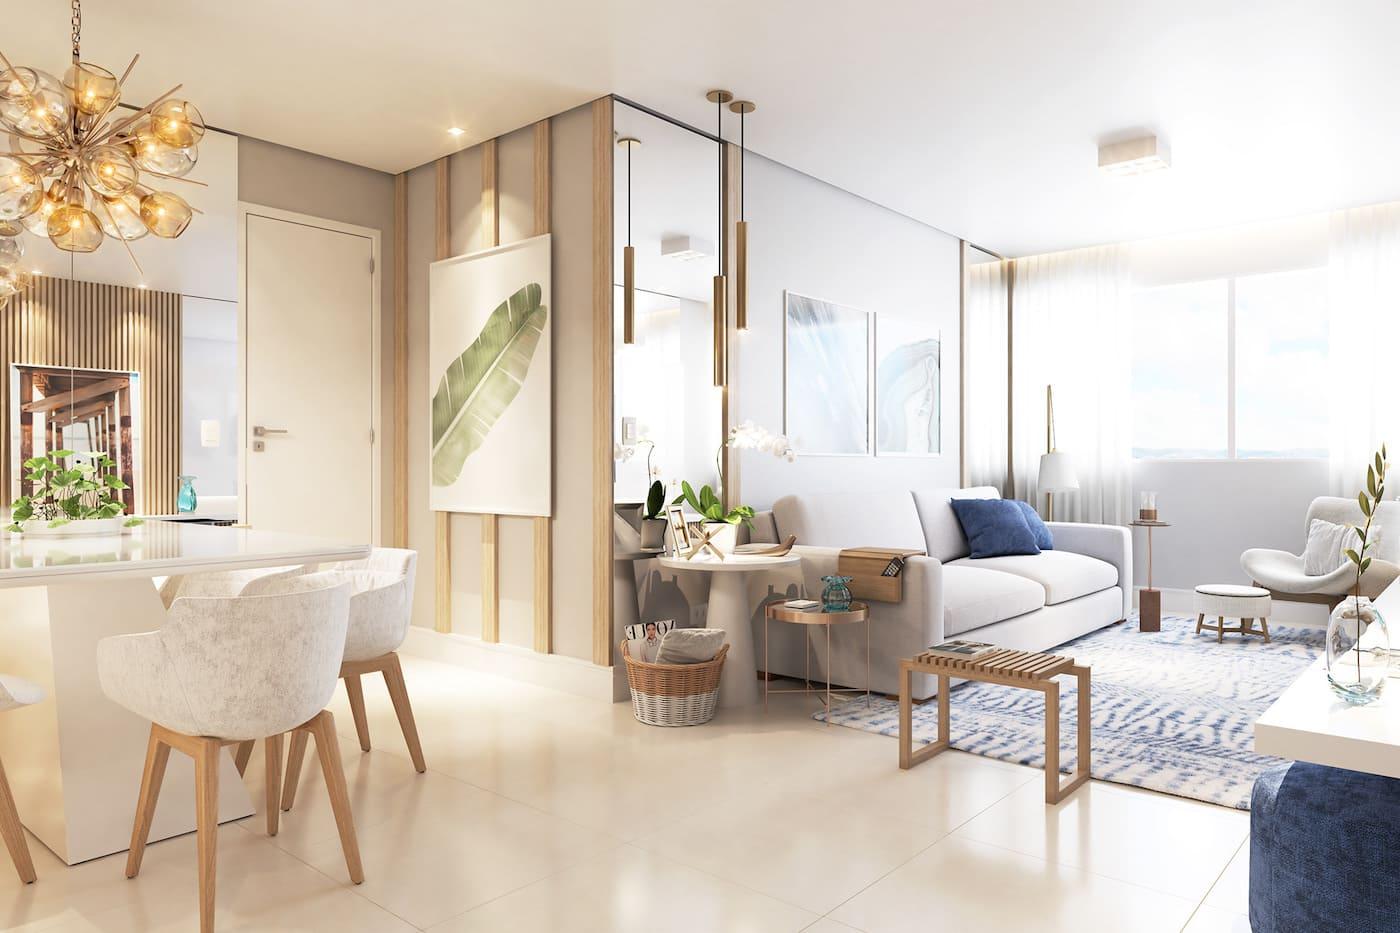 дизайн интерьера гостиной фото 14